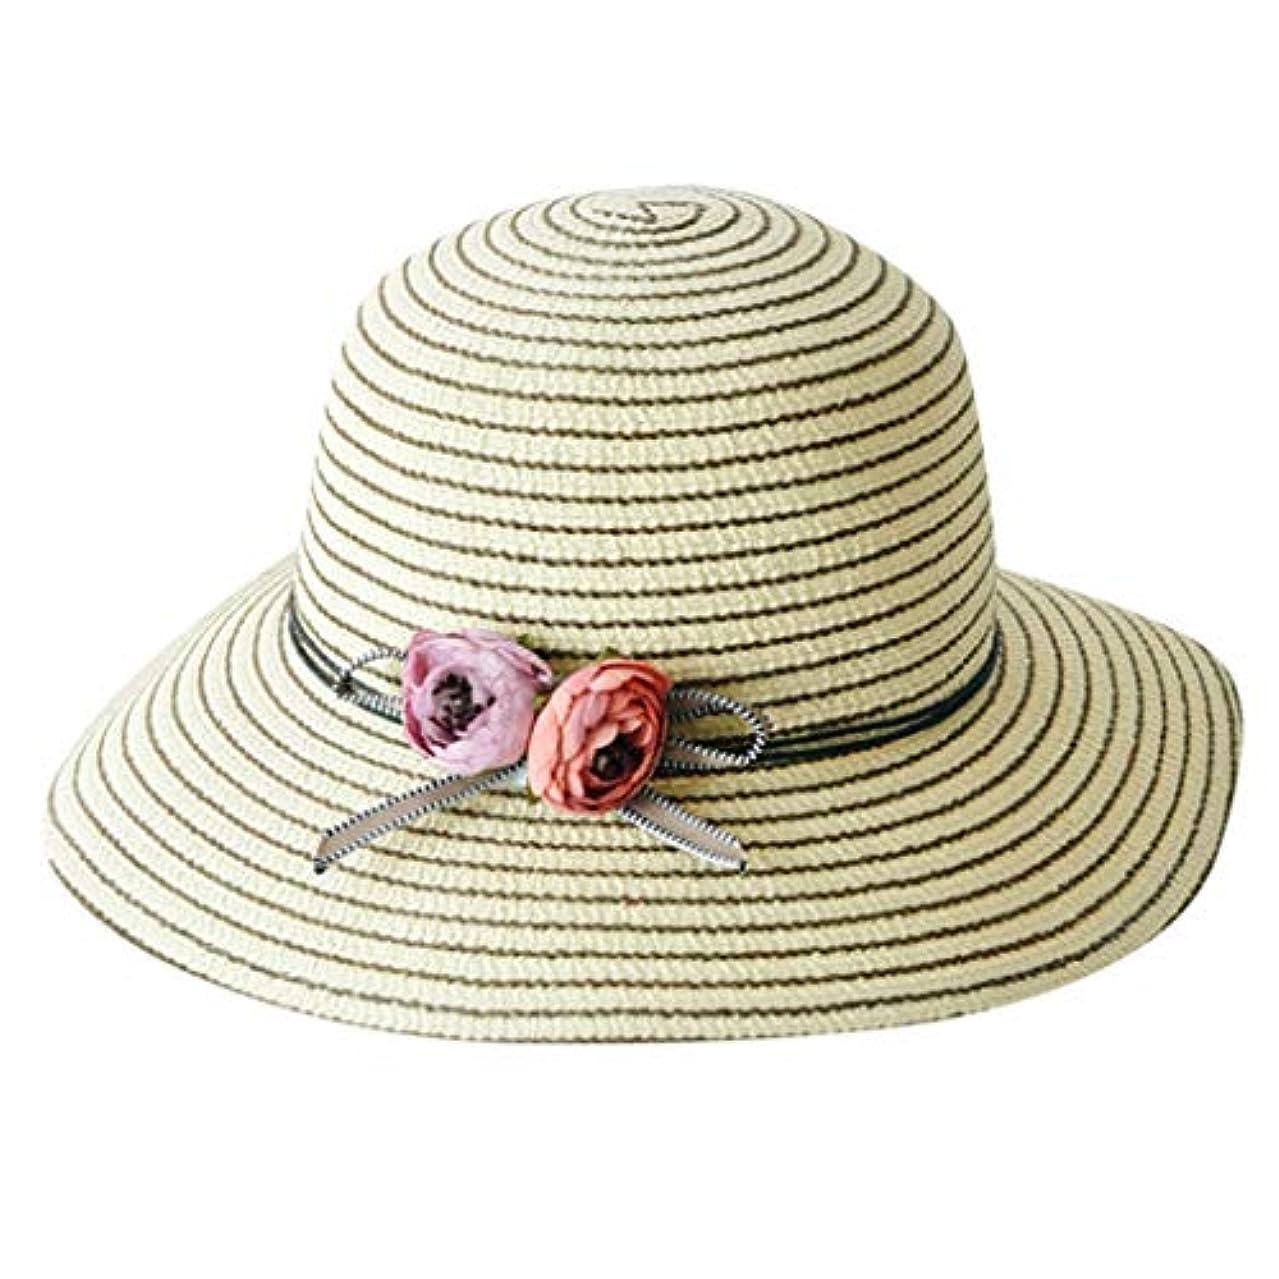 素子雑品上院議員帽子 レディース 漁師帽 夏 UVカット 帽子 綿糸 ハット レディース 紫外線100%カット UV ハット 可愛い 小顔効果抜群 日よけ 折りたたみ つば広 小顔効果抜群 折りたたみ 海 旅行 ROSE ROMAN